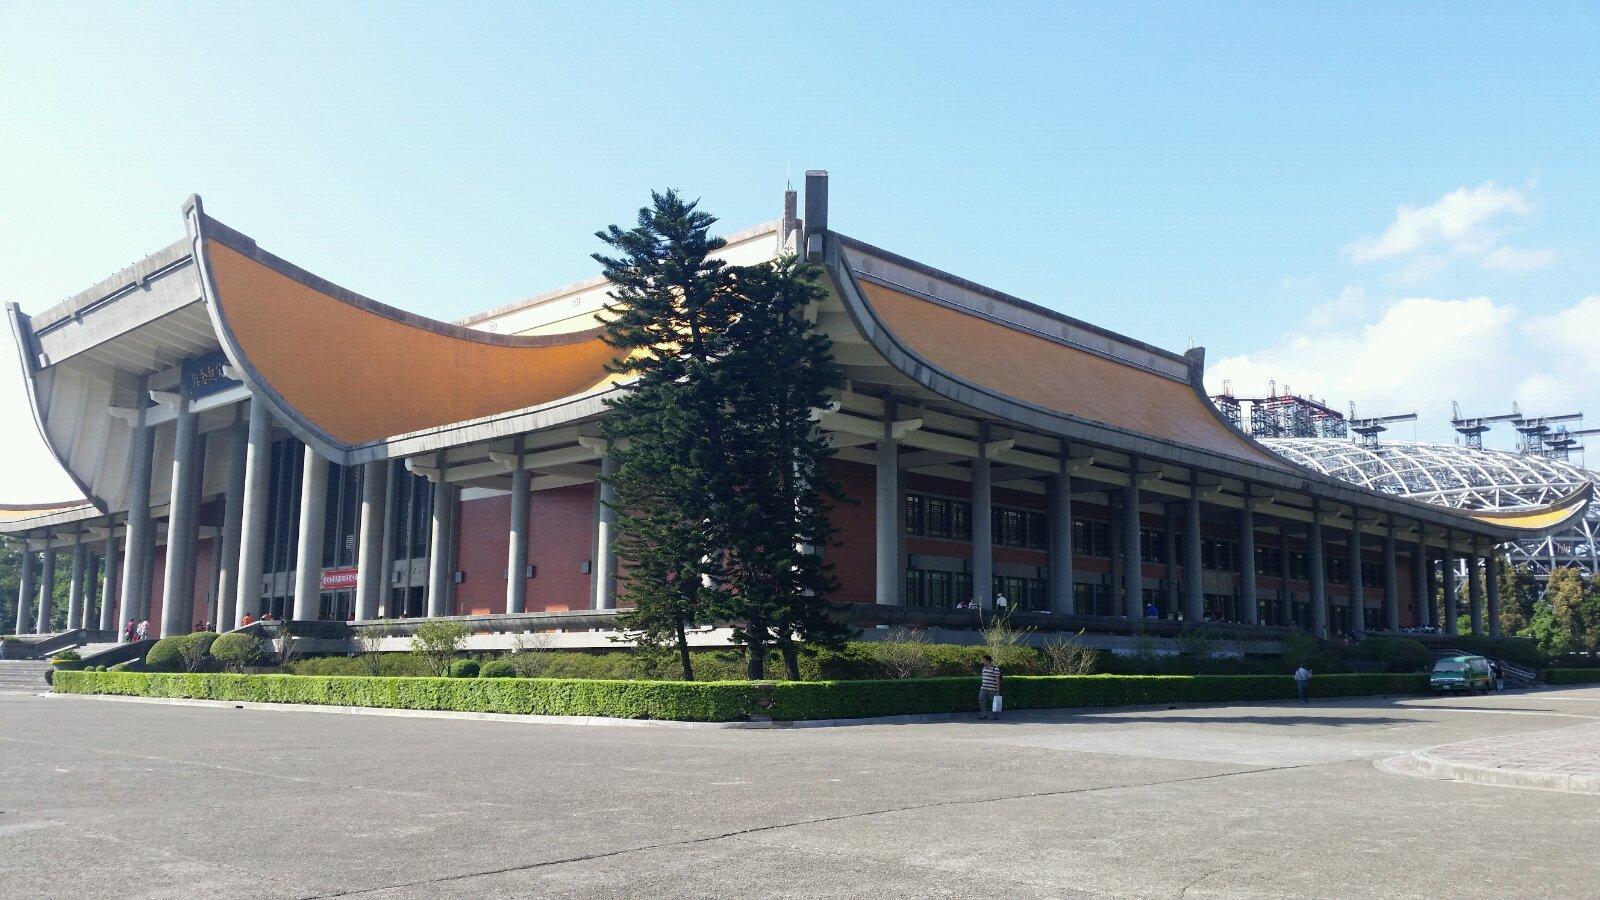 以中国唐朝宫殿式为风格,古风浓郁.